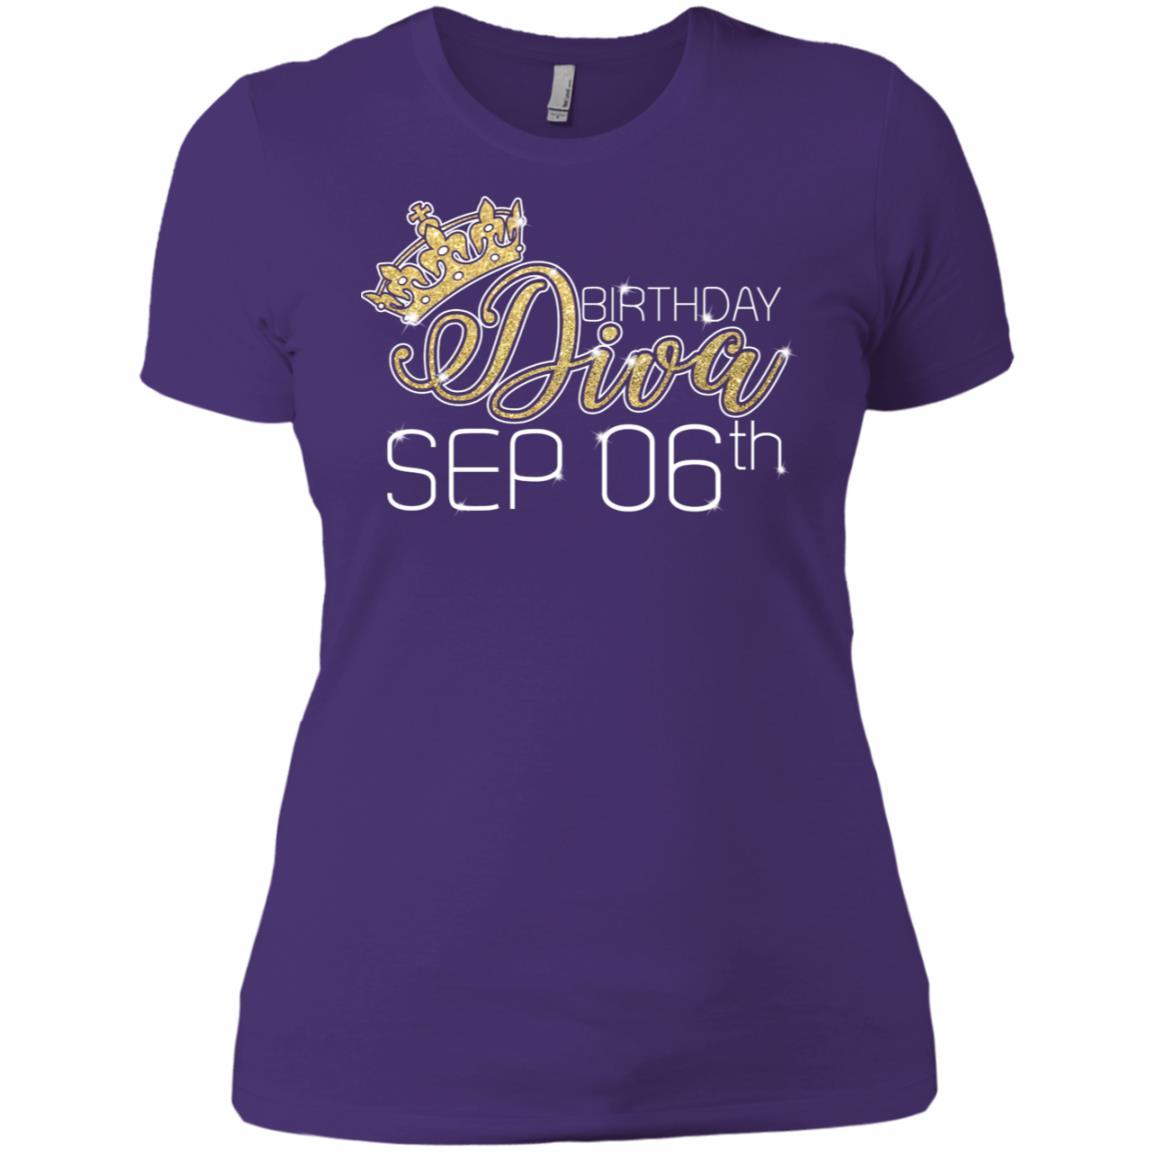 Birthday Diva on September 6th Virgo Pri Women Short Sleeve